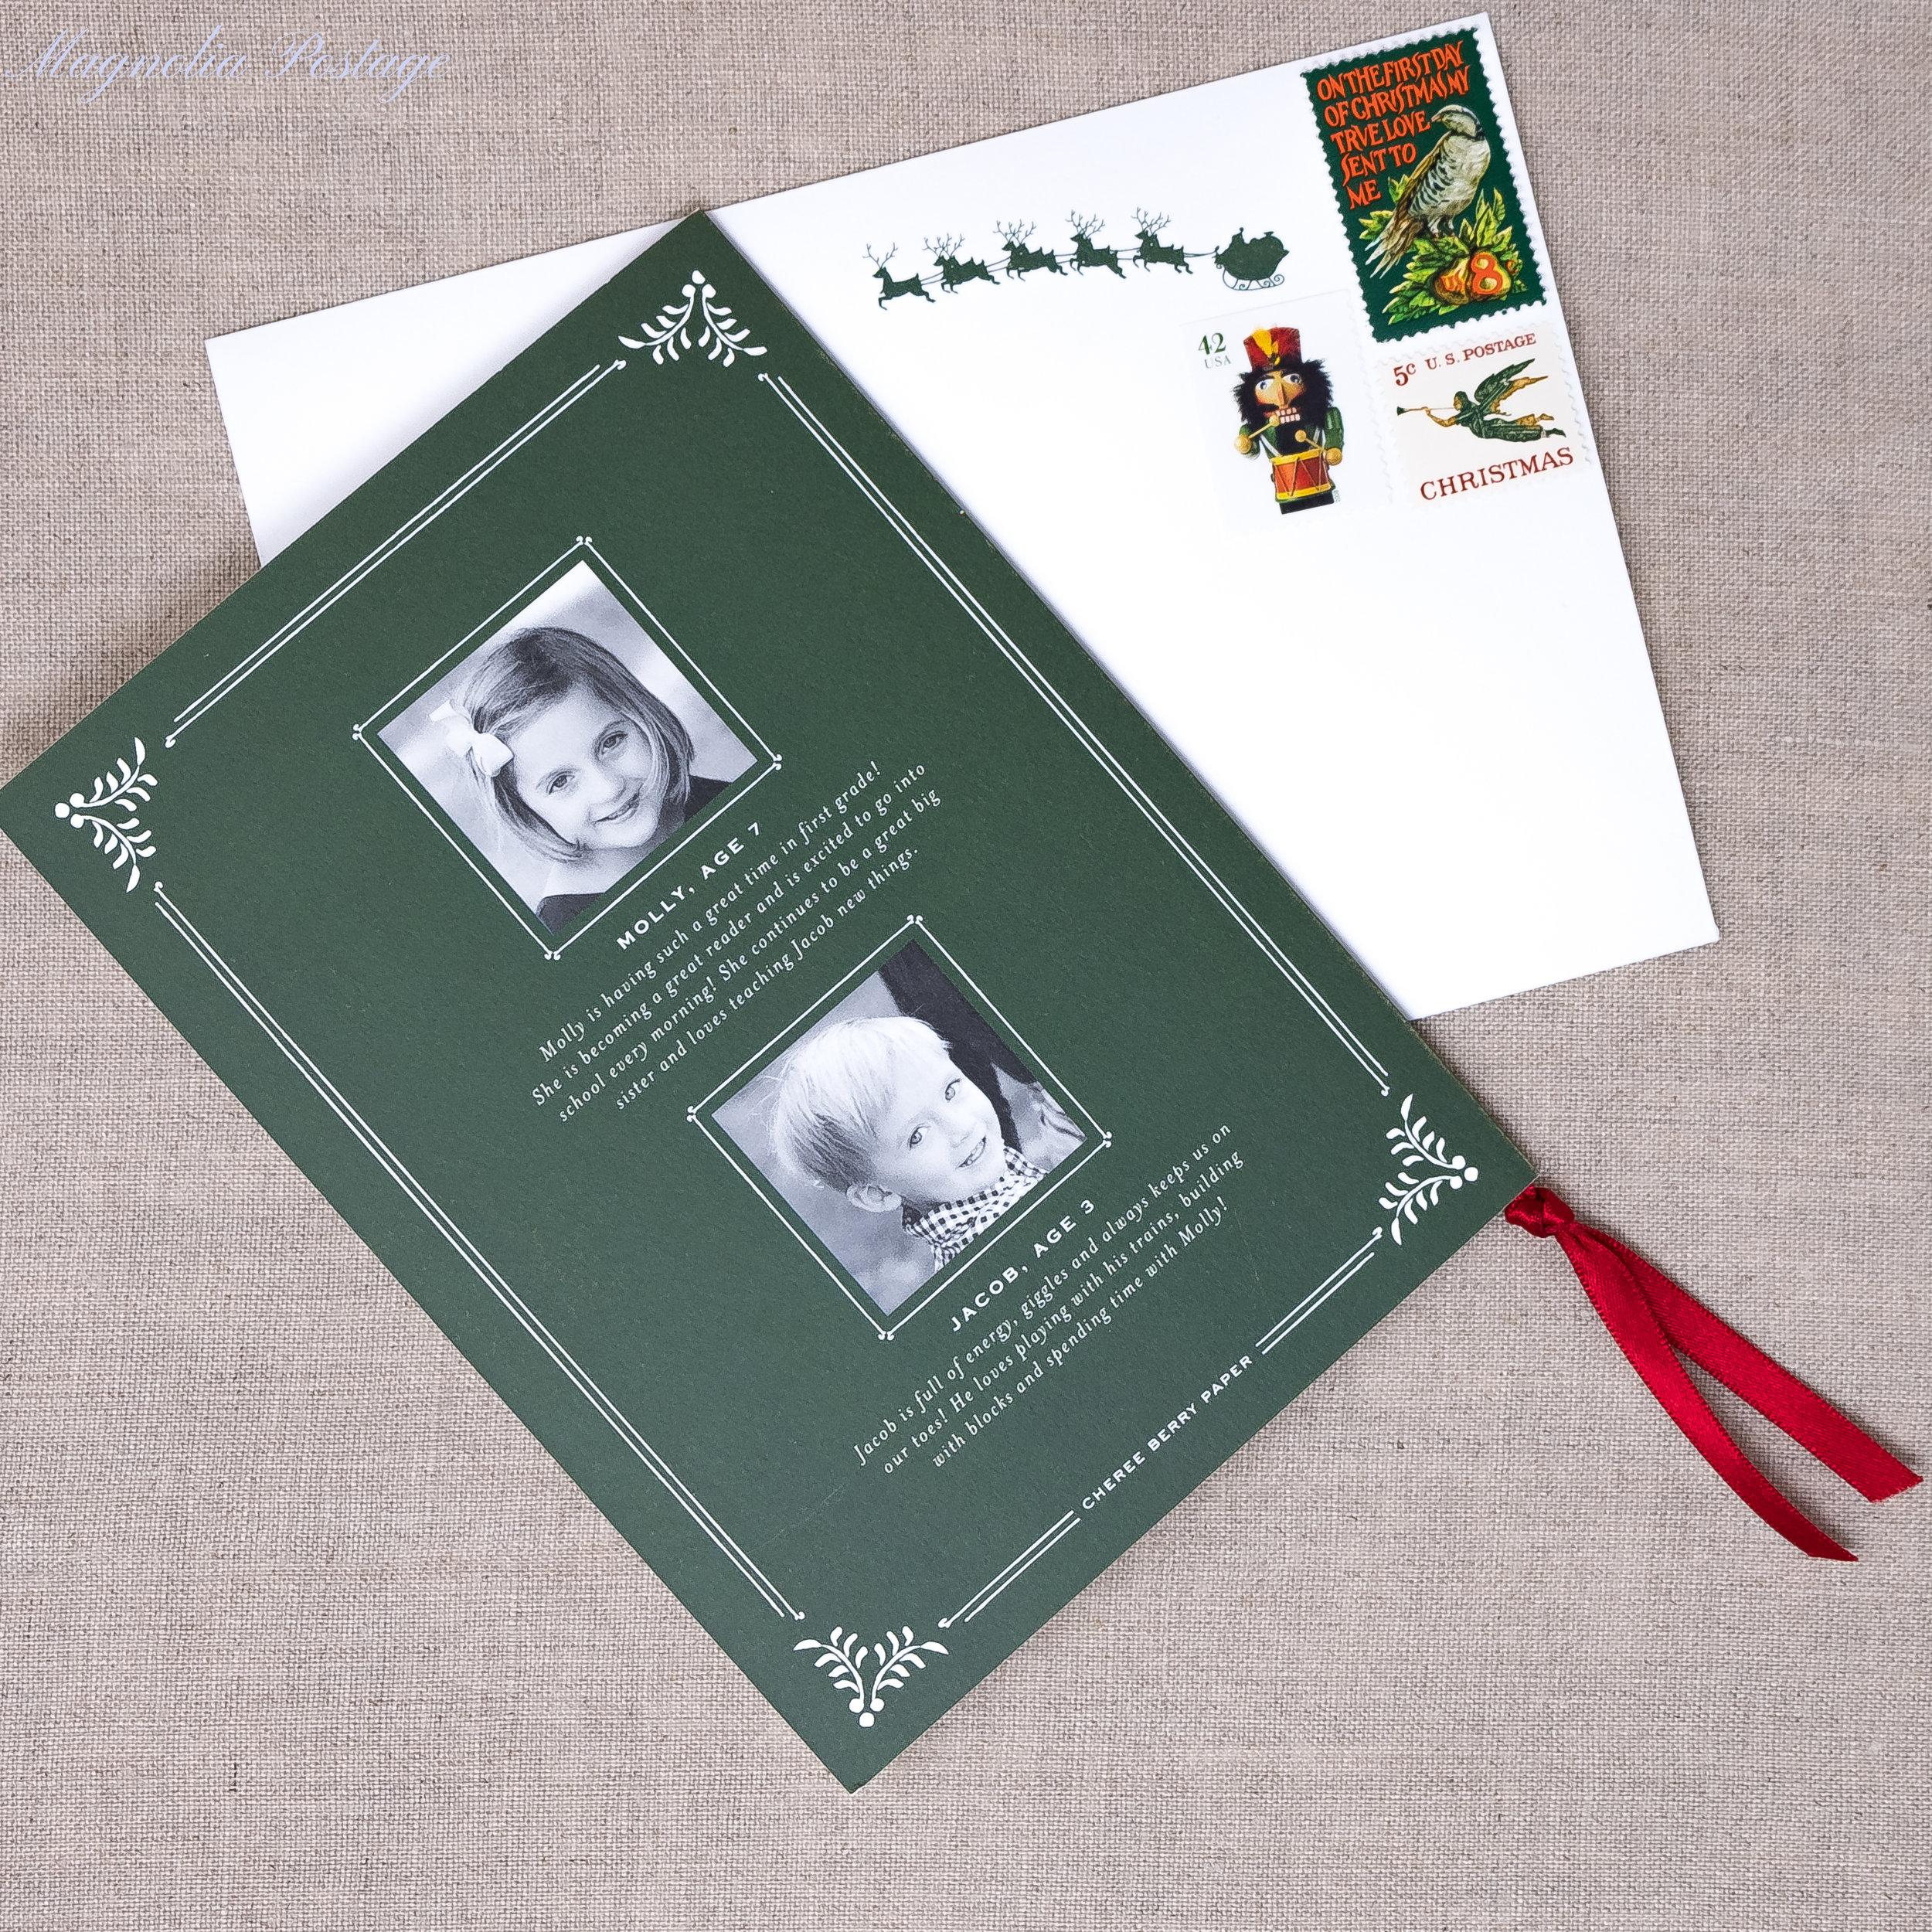 Magnolia-Postage-7114.jpg